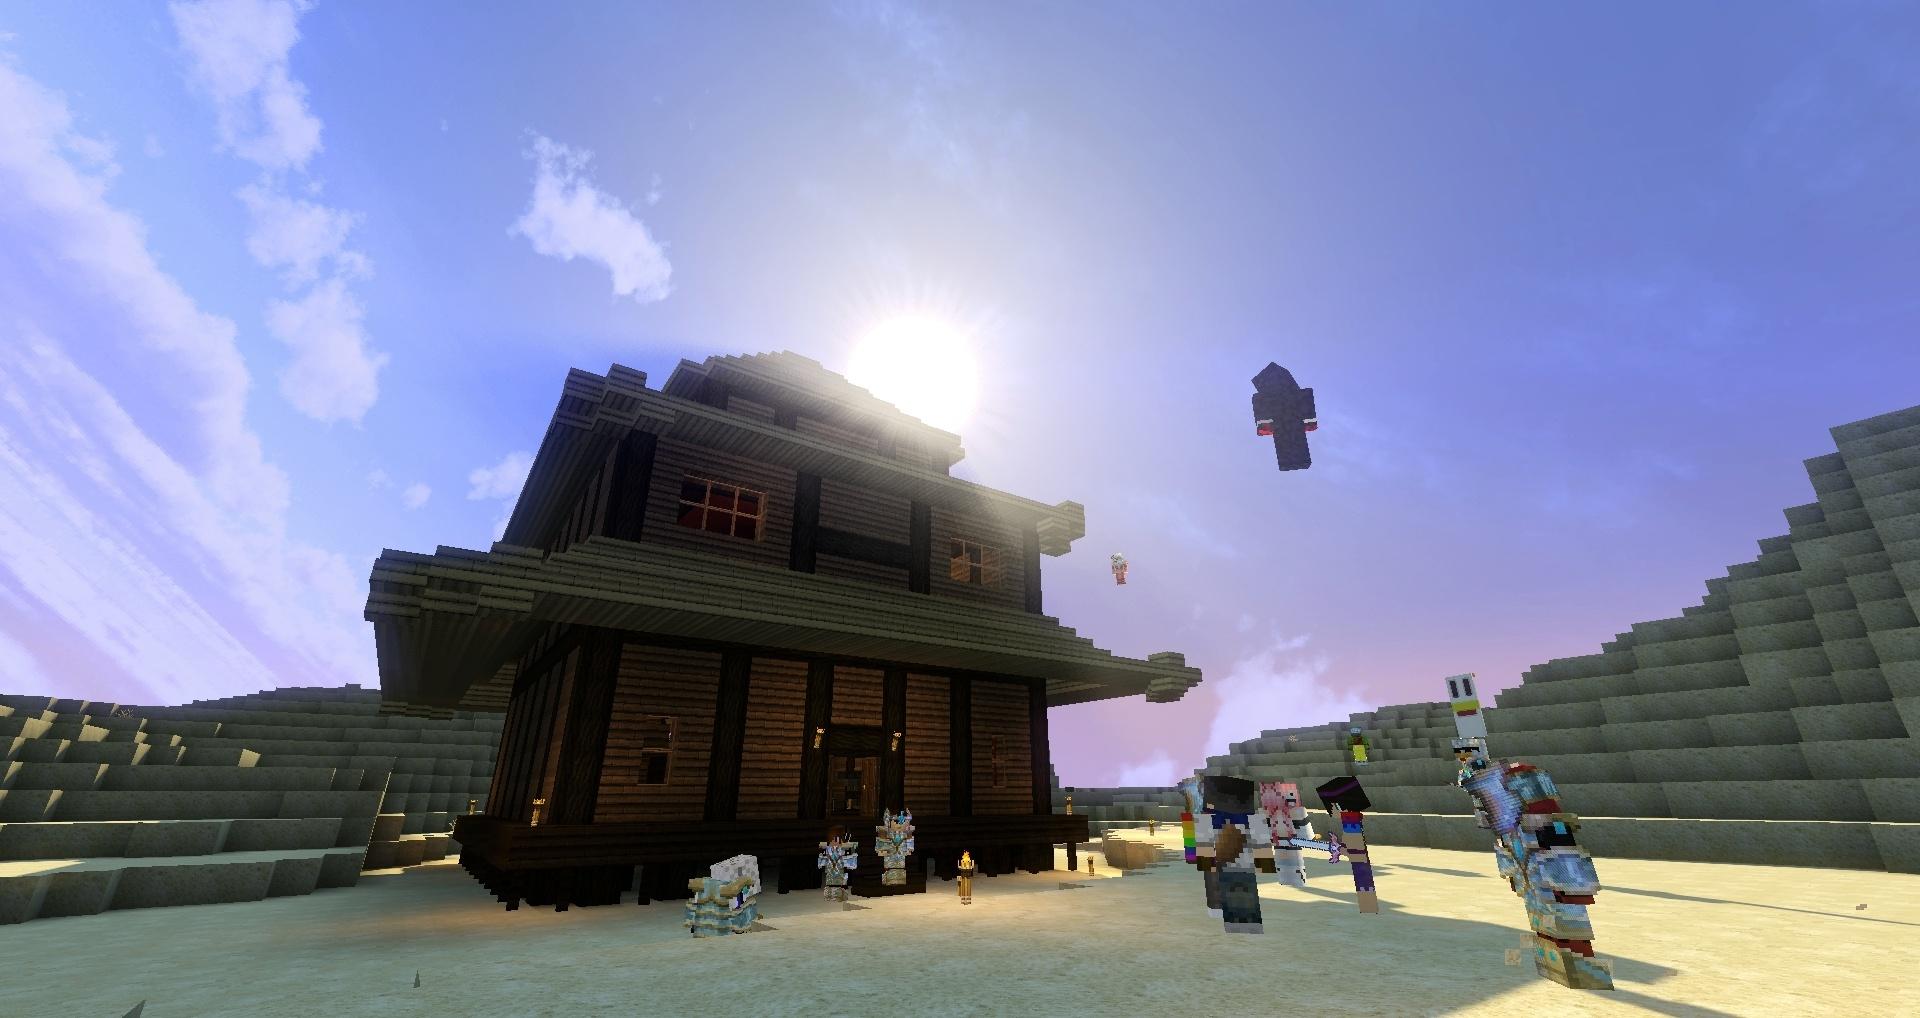 Une maison, un soleil que demander de plus hein ?